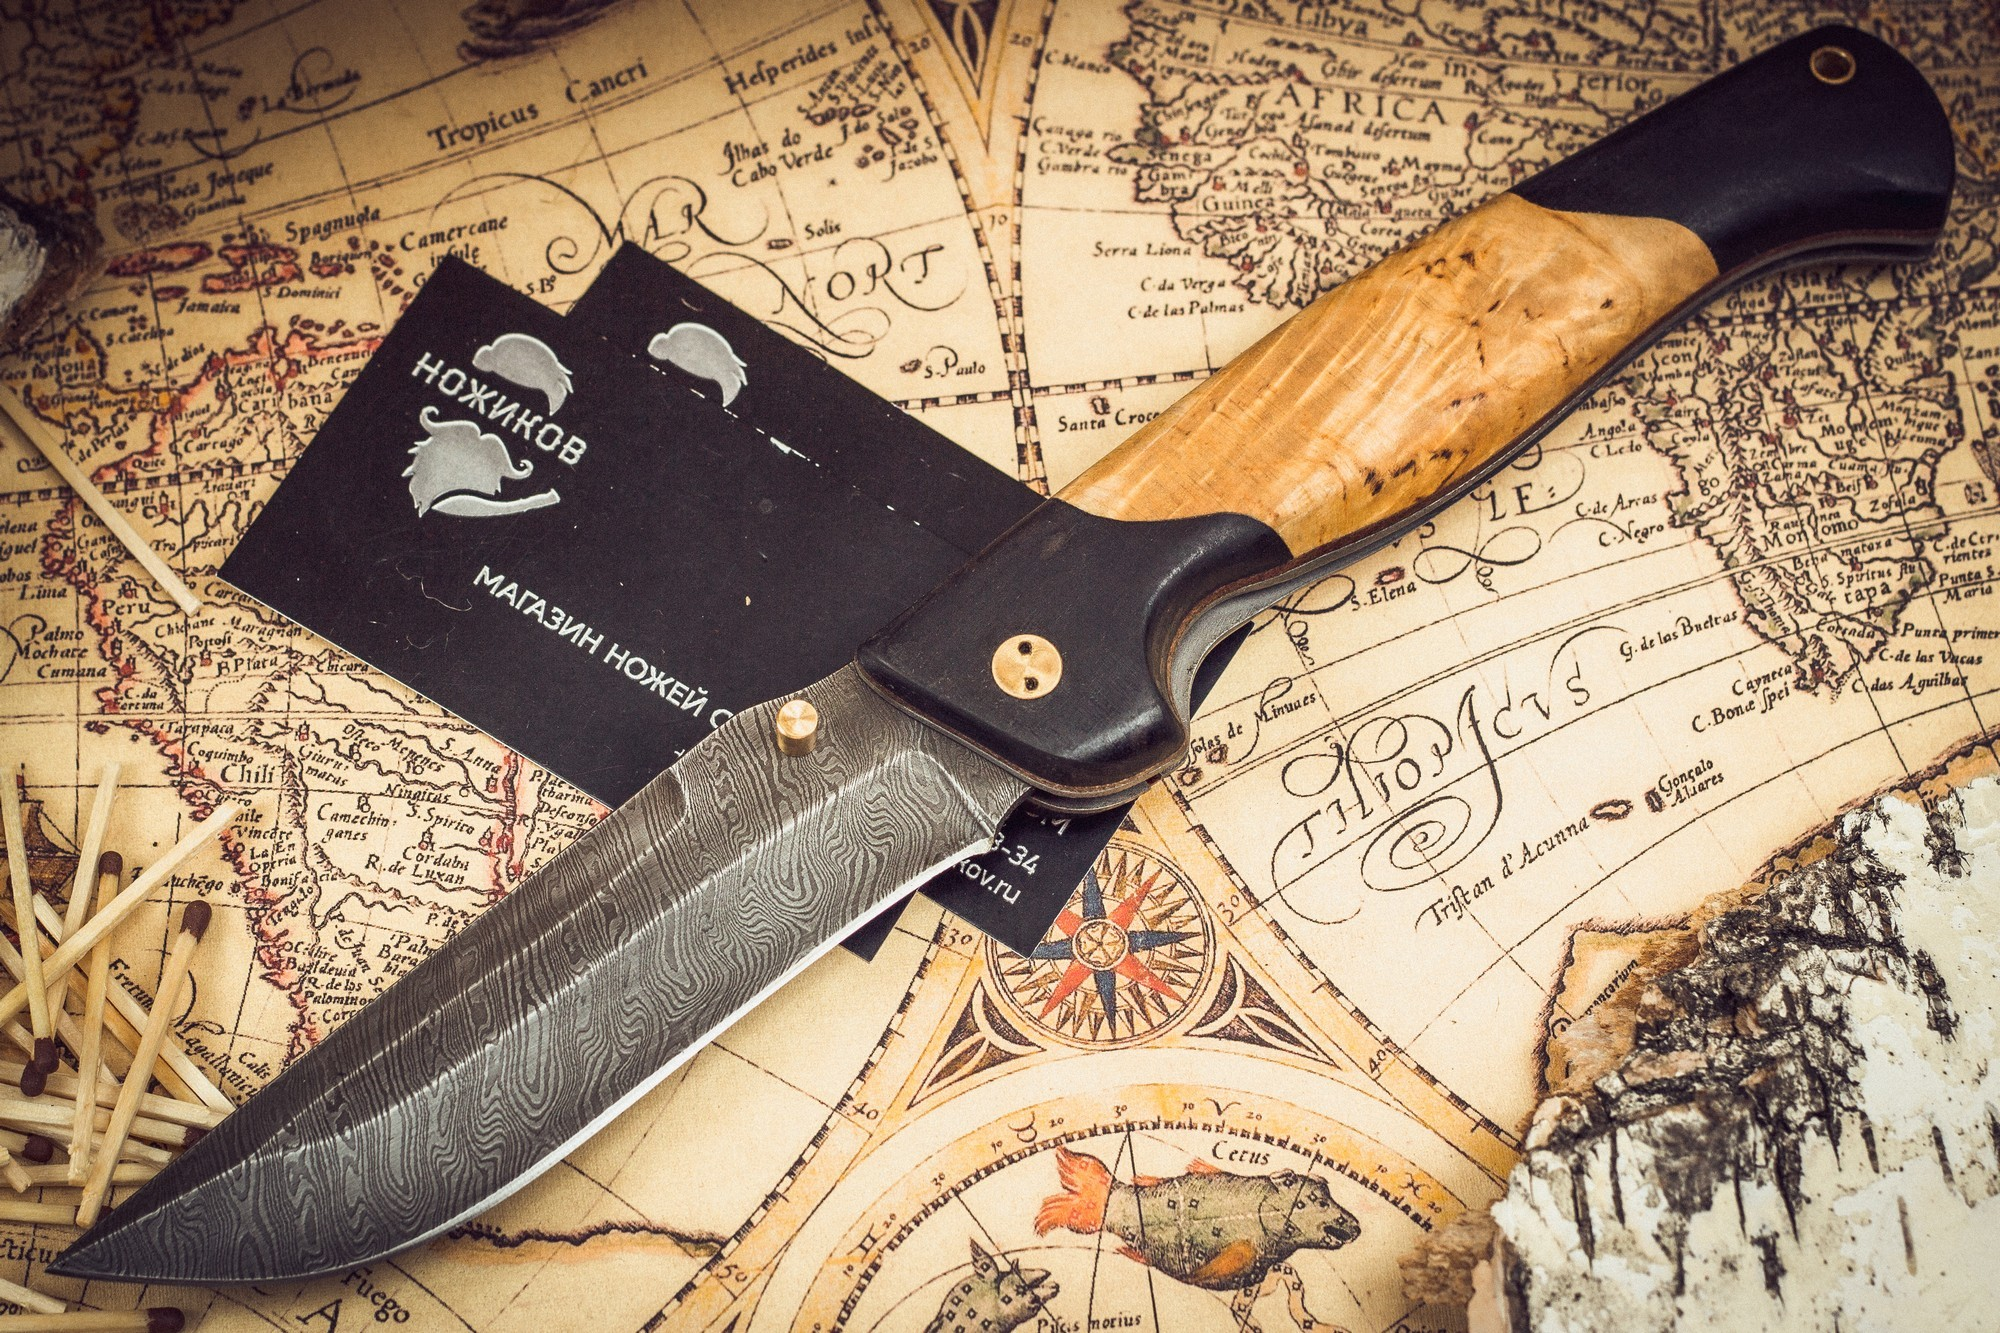 Складной нож Актай-2, дамаск, карельская береза от Марычев